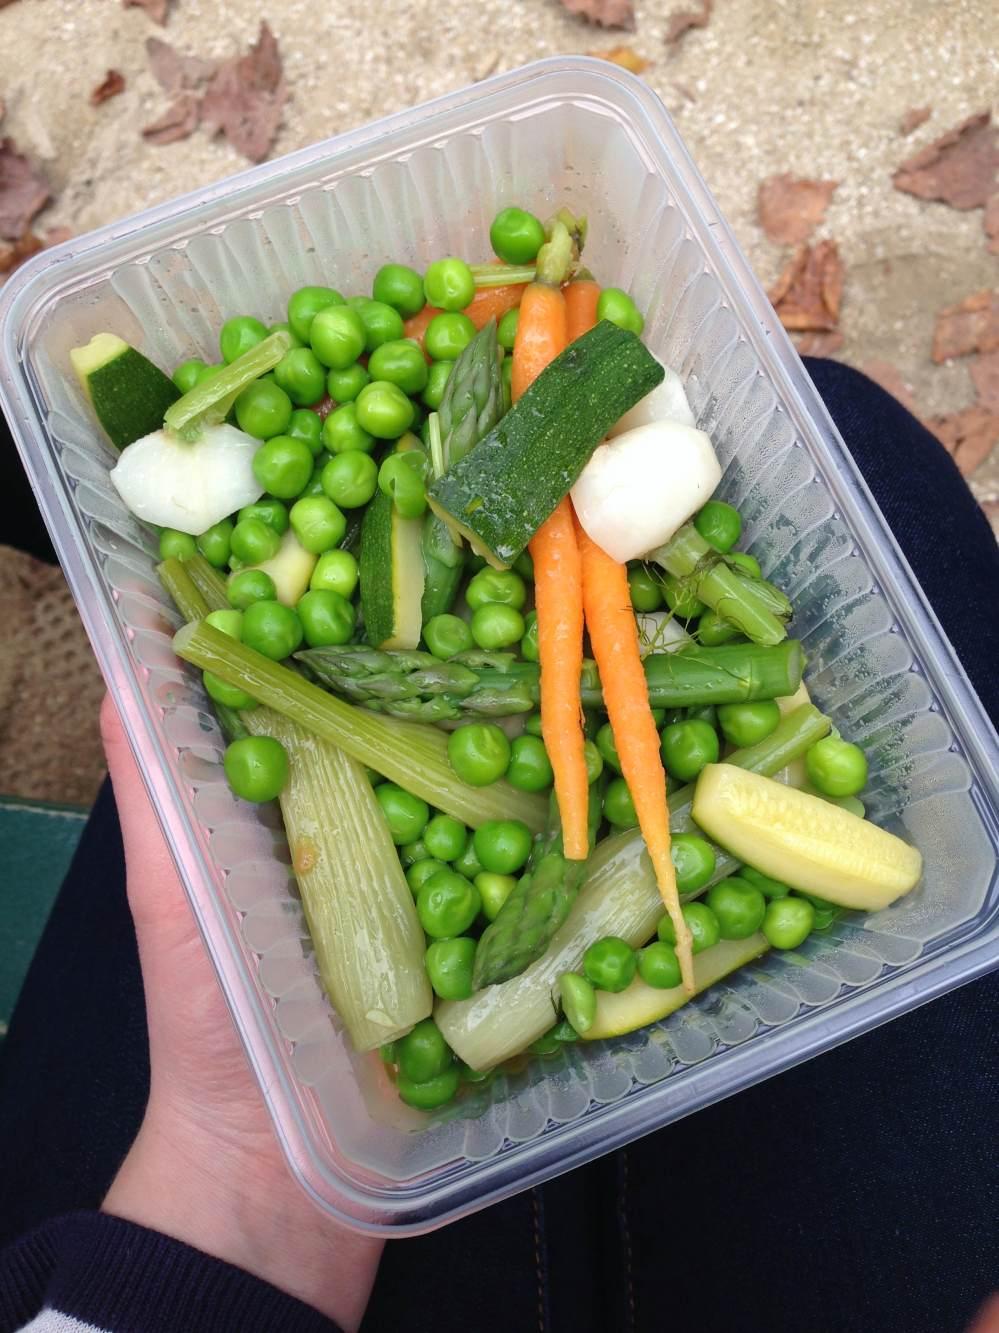 Geglaceerde groenten bij de picknick in het park.